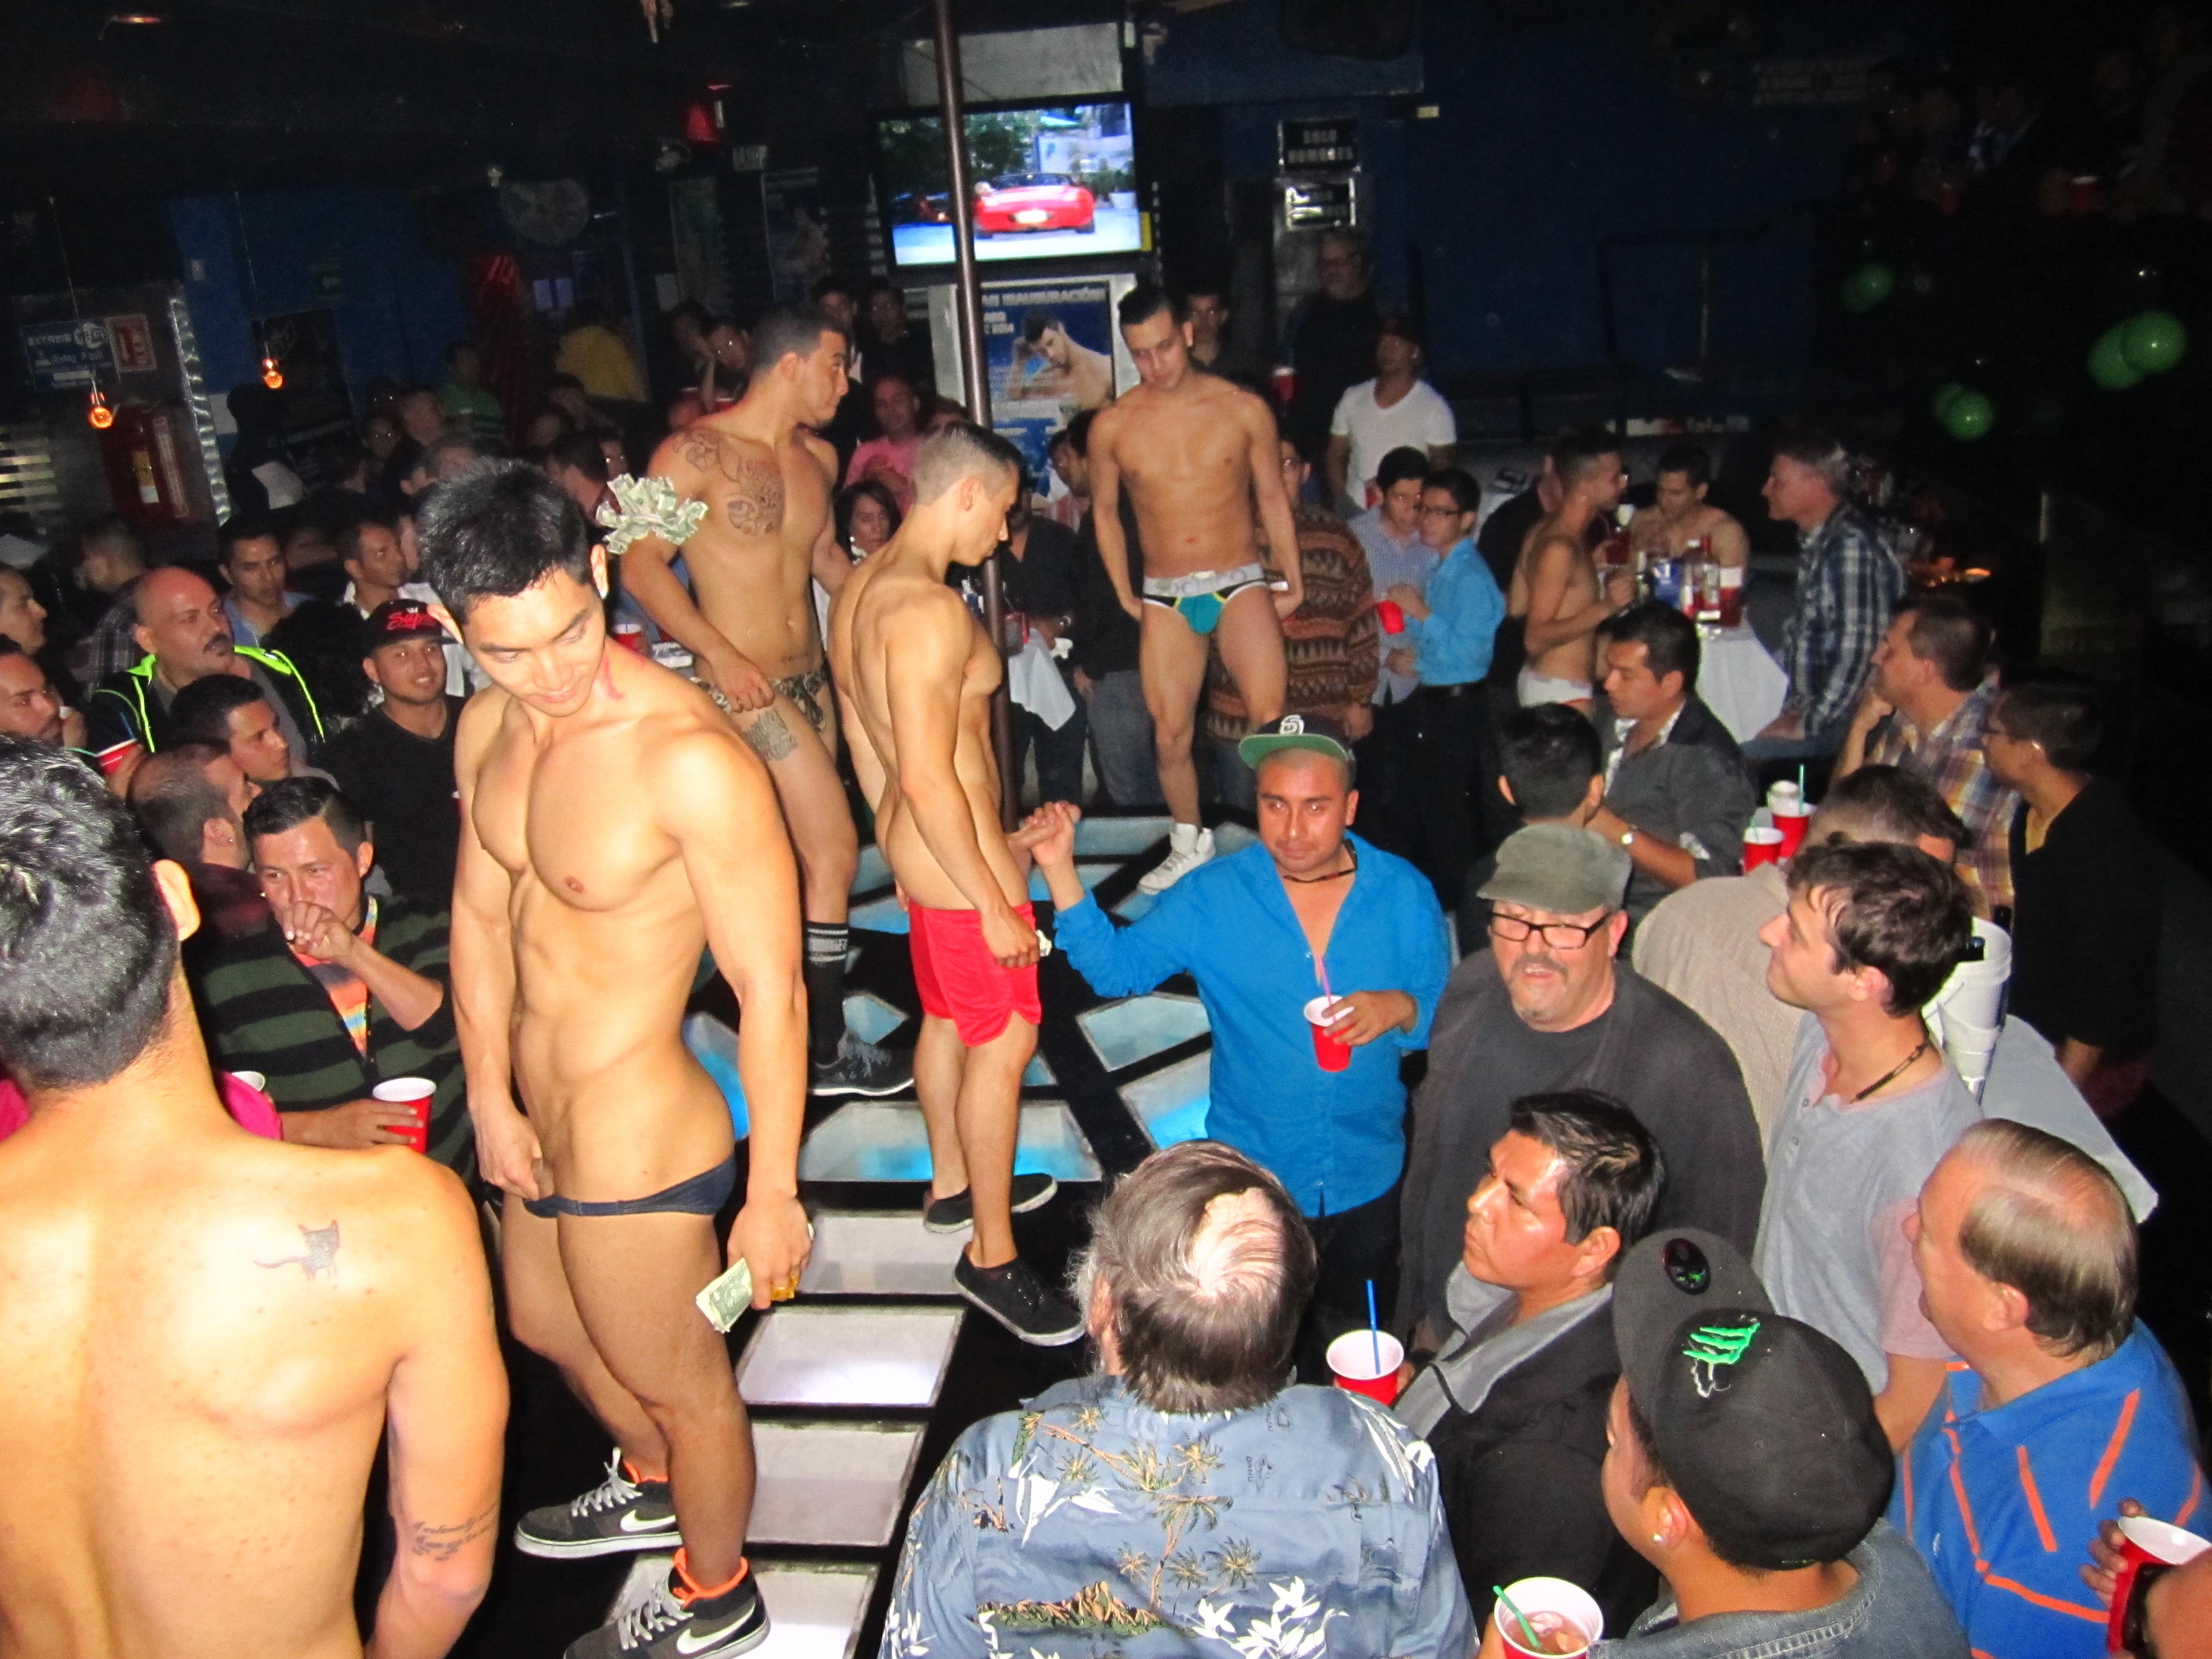 Club sex rosarito mexico